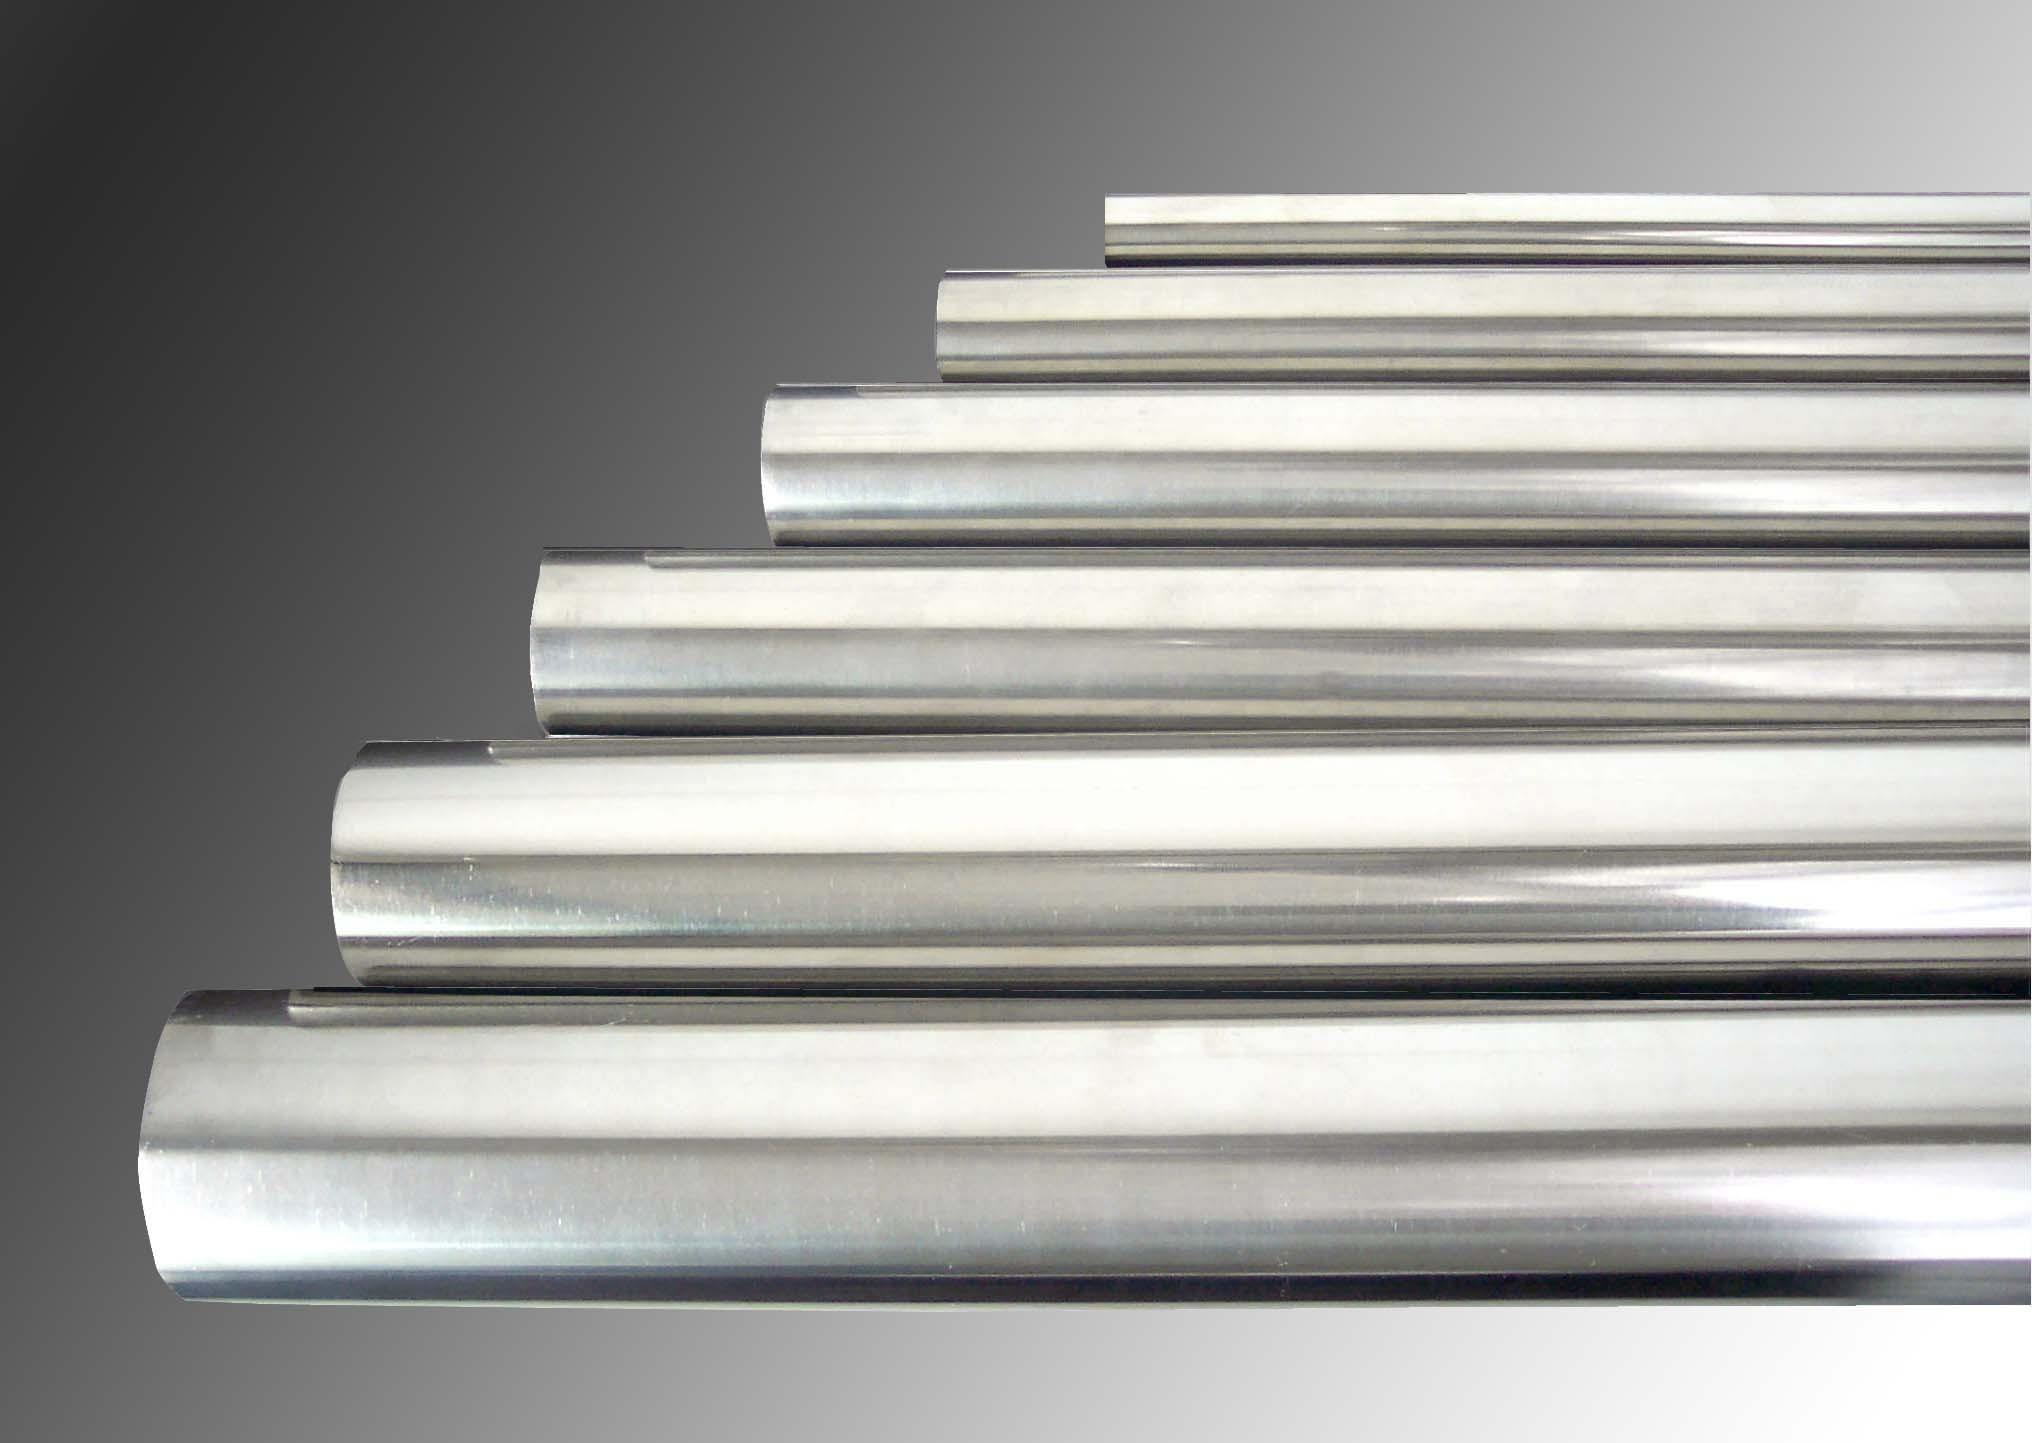 paslanmaz çelik çubuk resmi 3